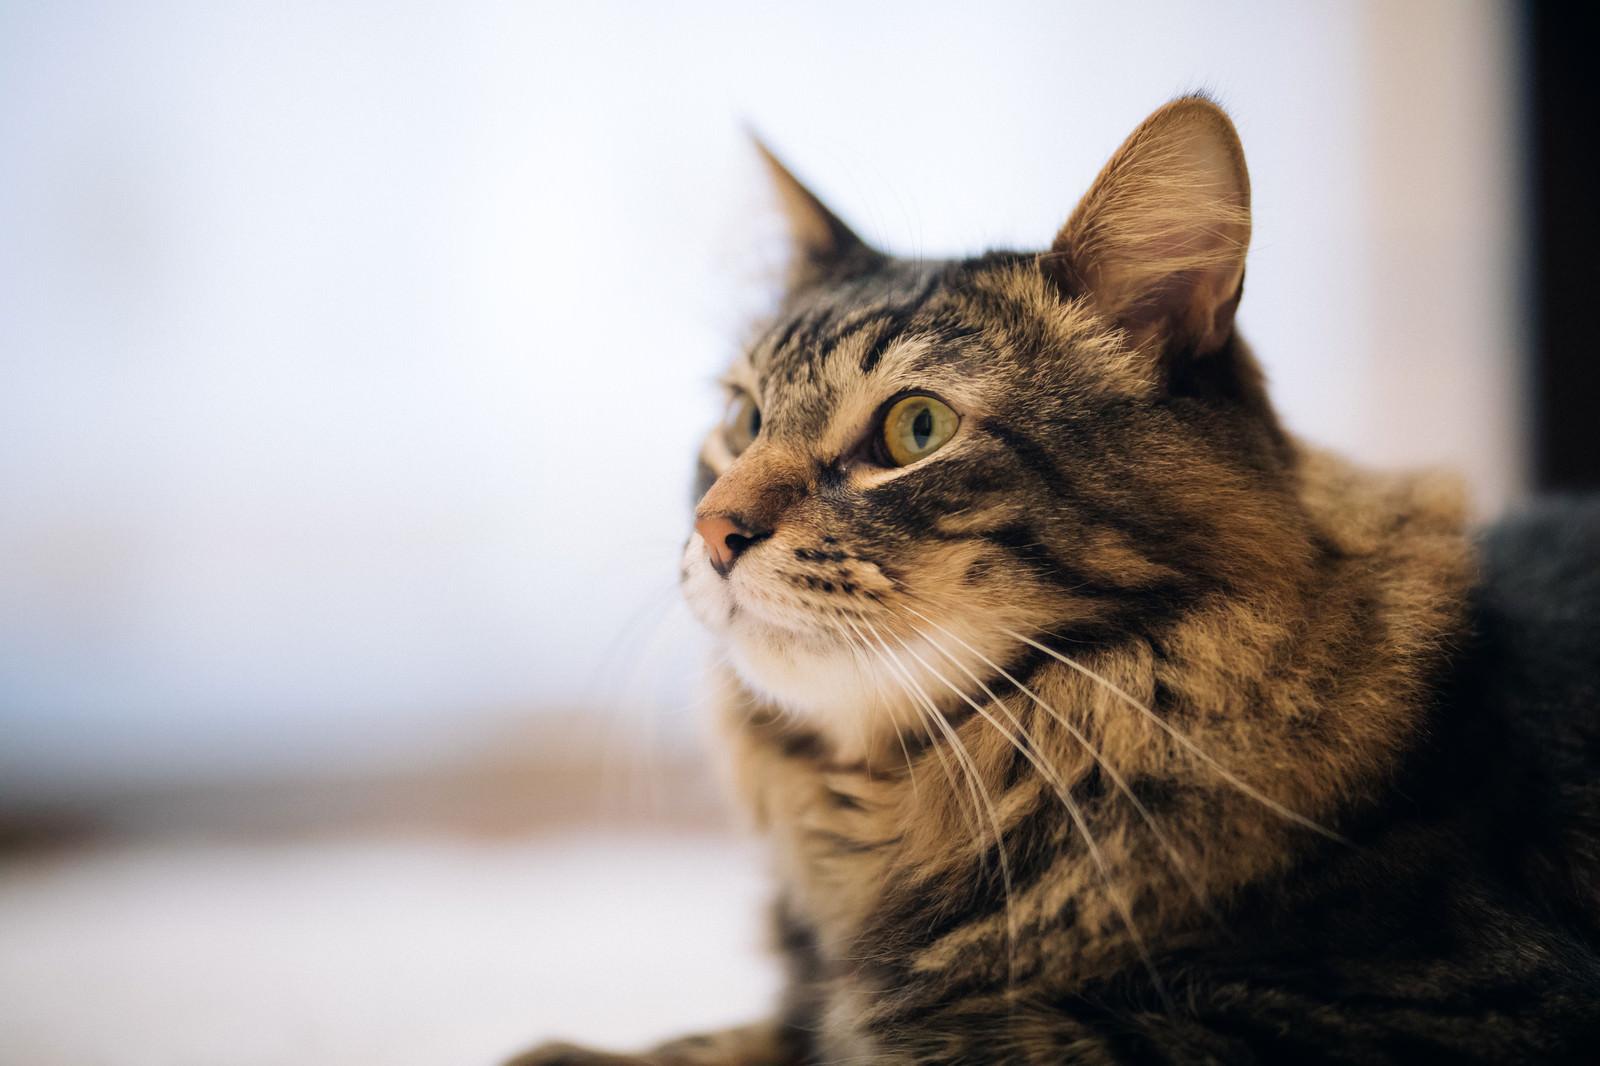 「毛艶がいい飼い猫」の写真